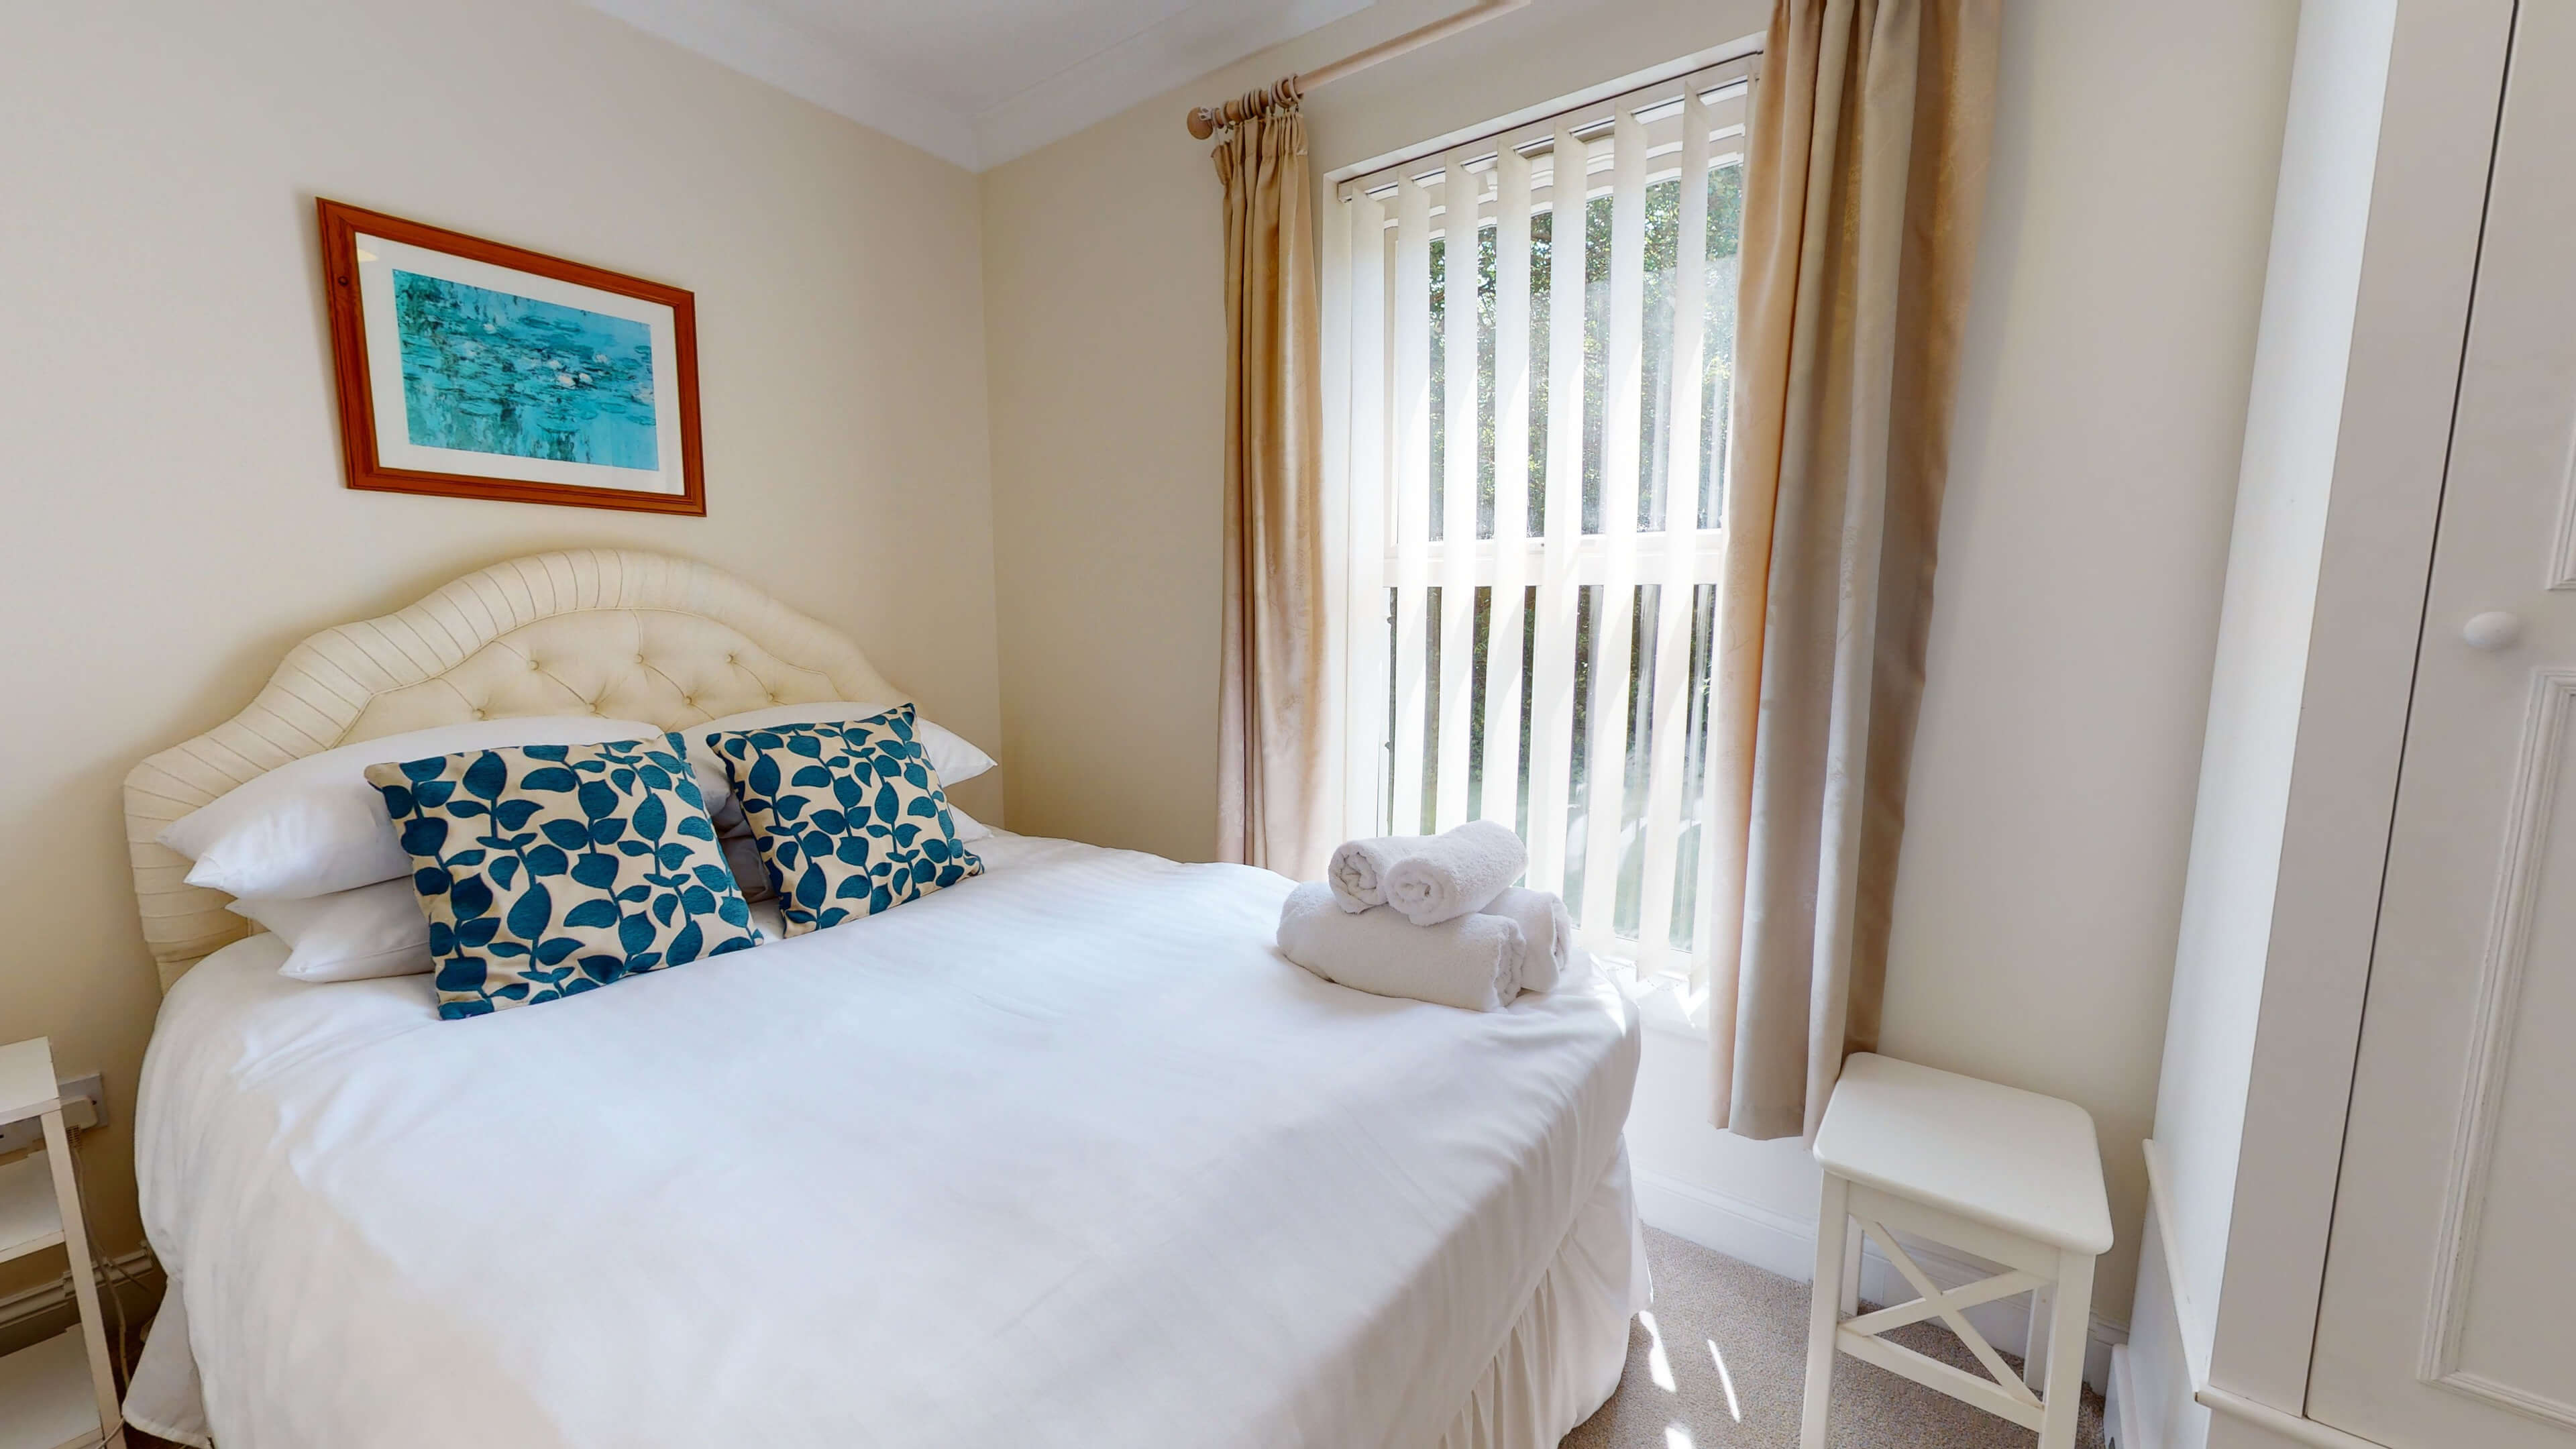 Rewley Road Oxford 2 Bed Rewley Road Bedroom One 2